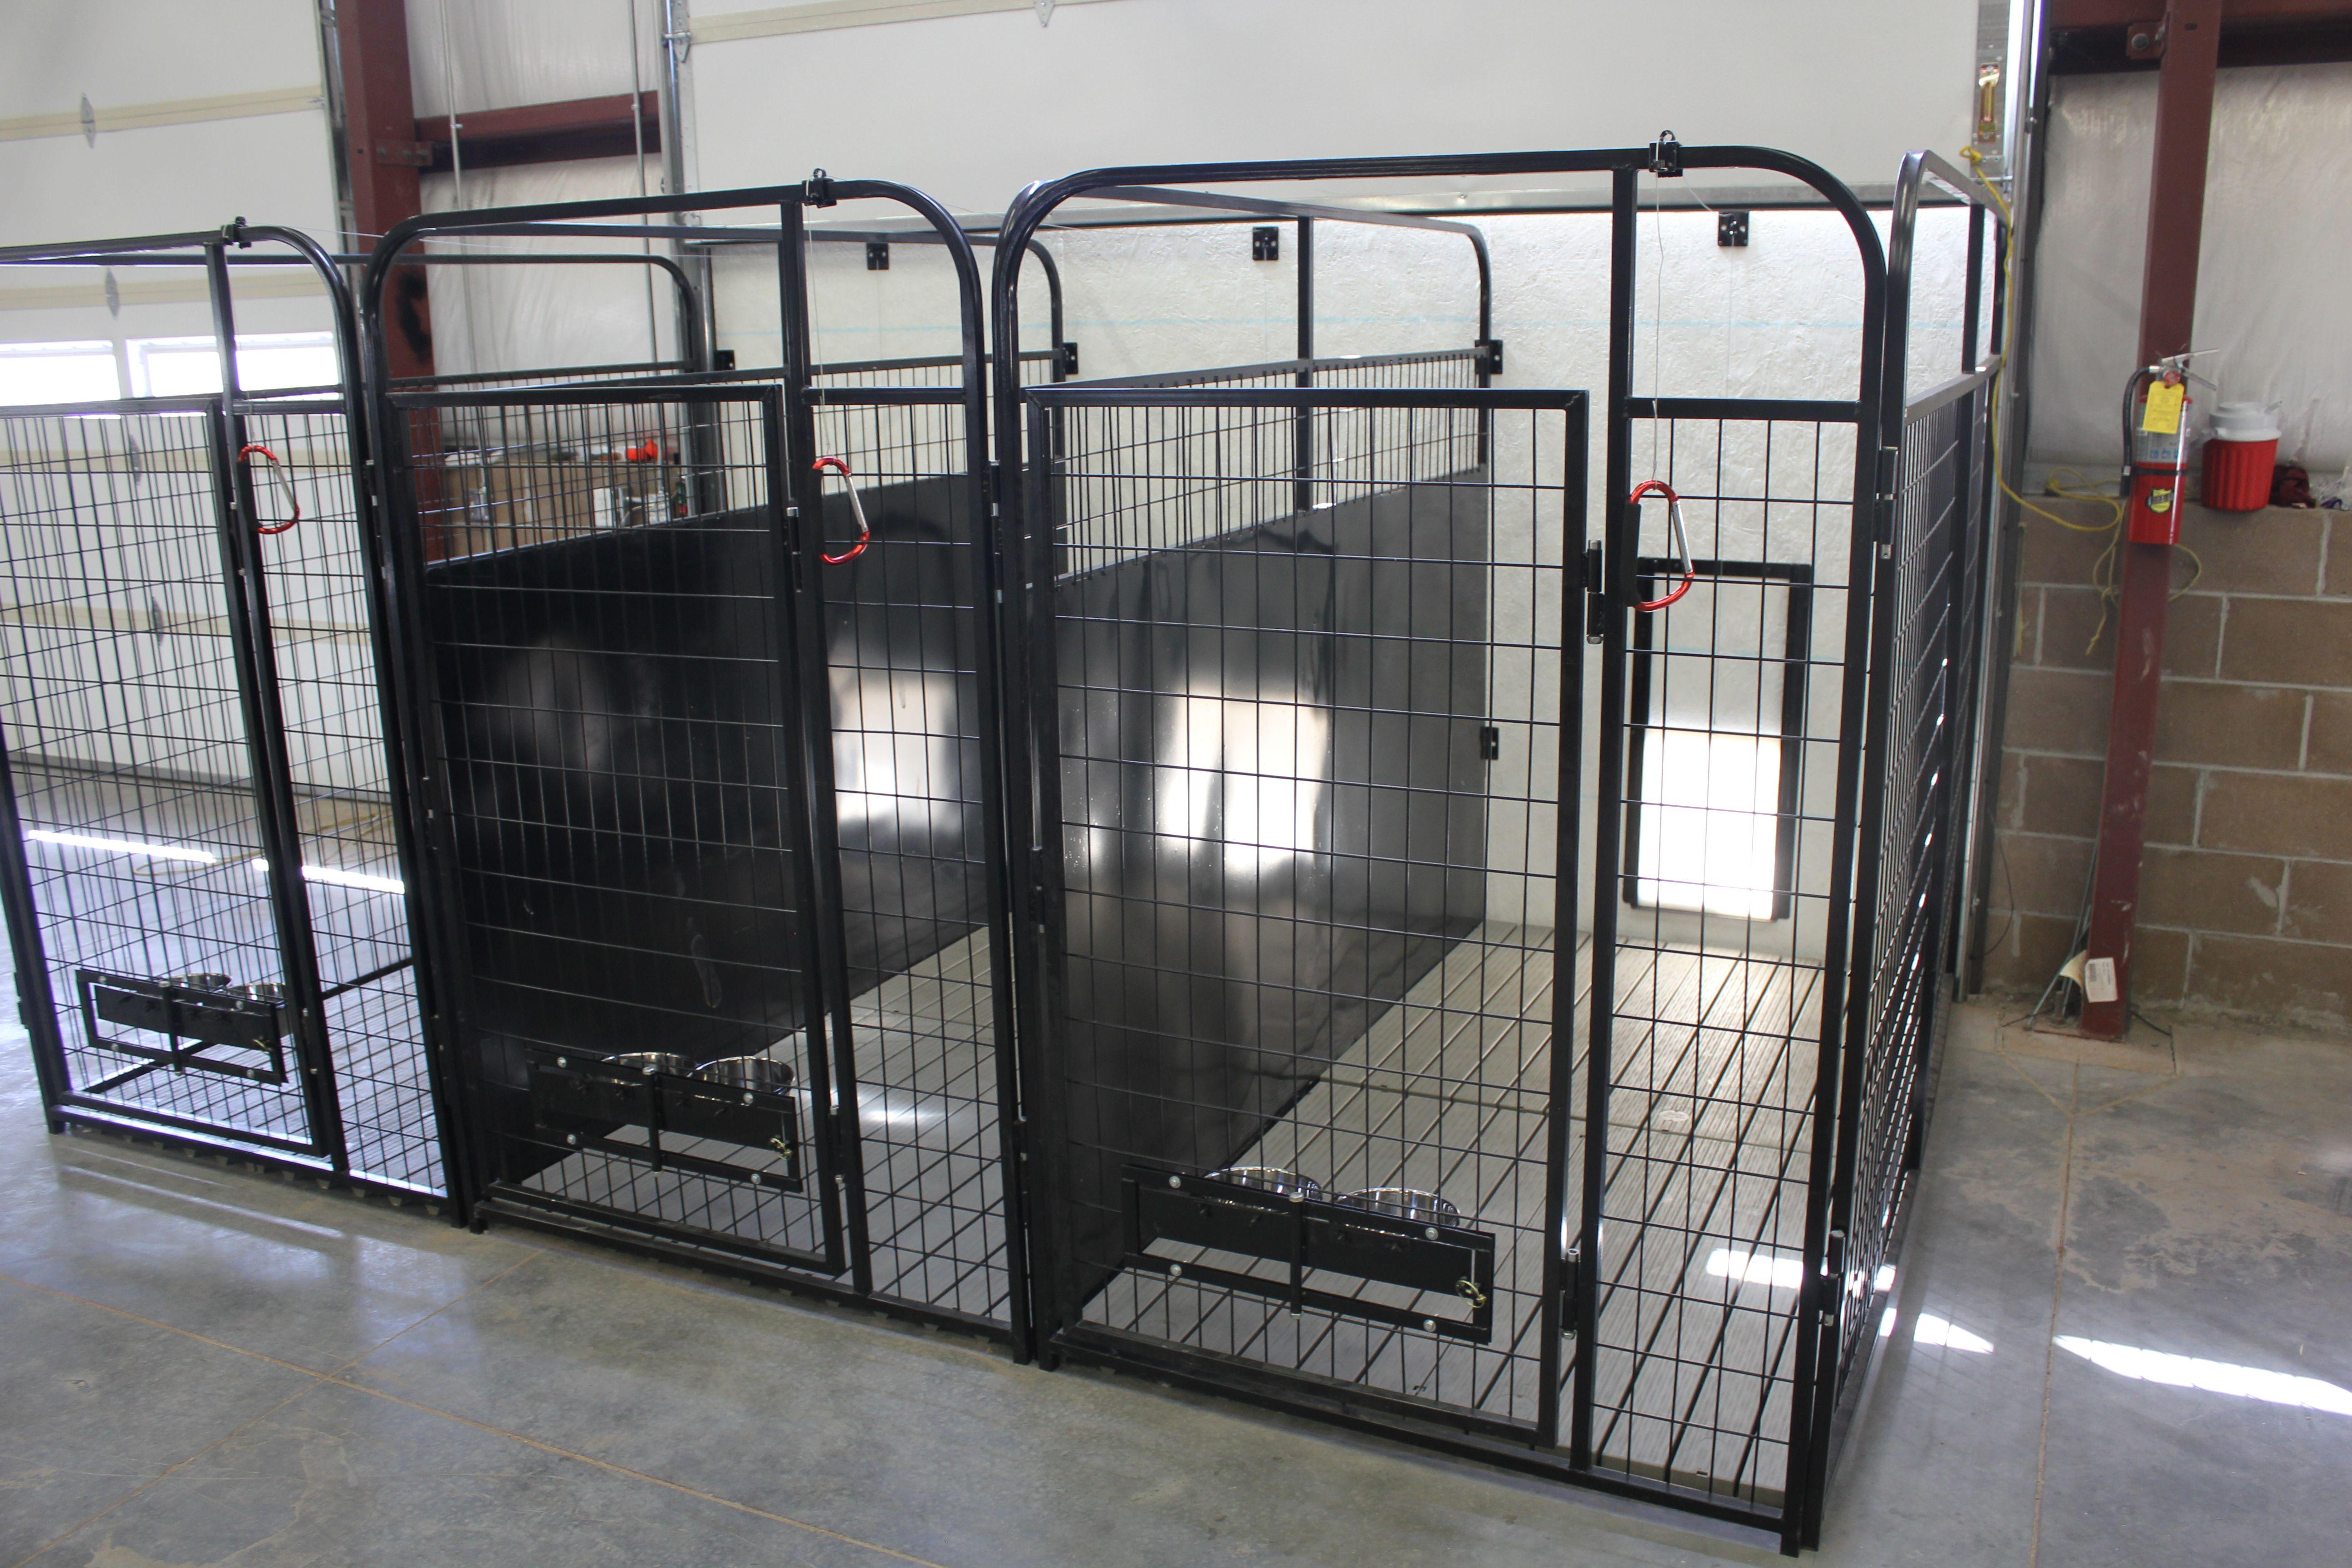 Dog Kennels For Sale Kennel Cages Canine Kennels Akc Kennels Dog Runs K9 Kennel Home Dog Breeding Kennels Dog Kennel Designs Dog Kennel Inside